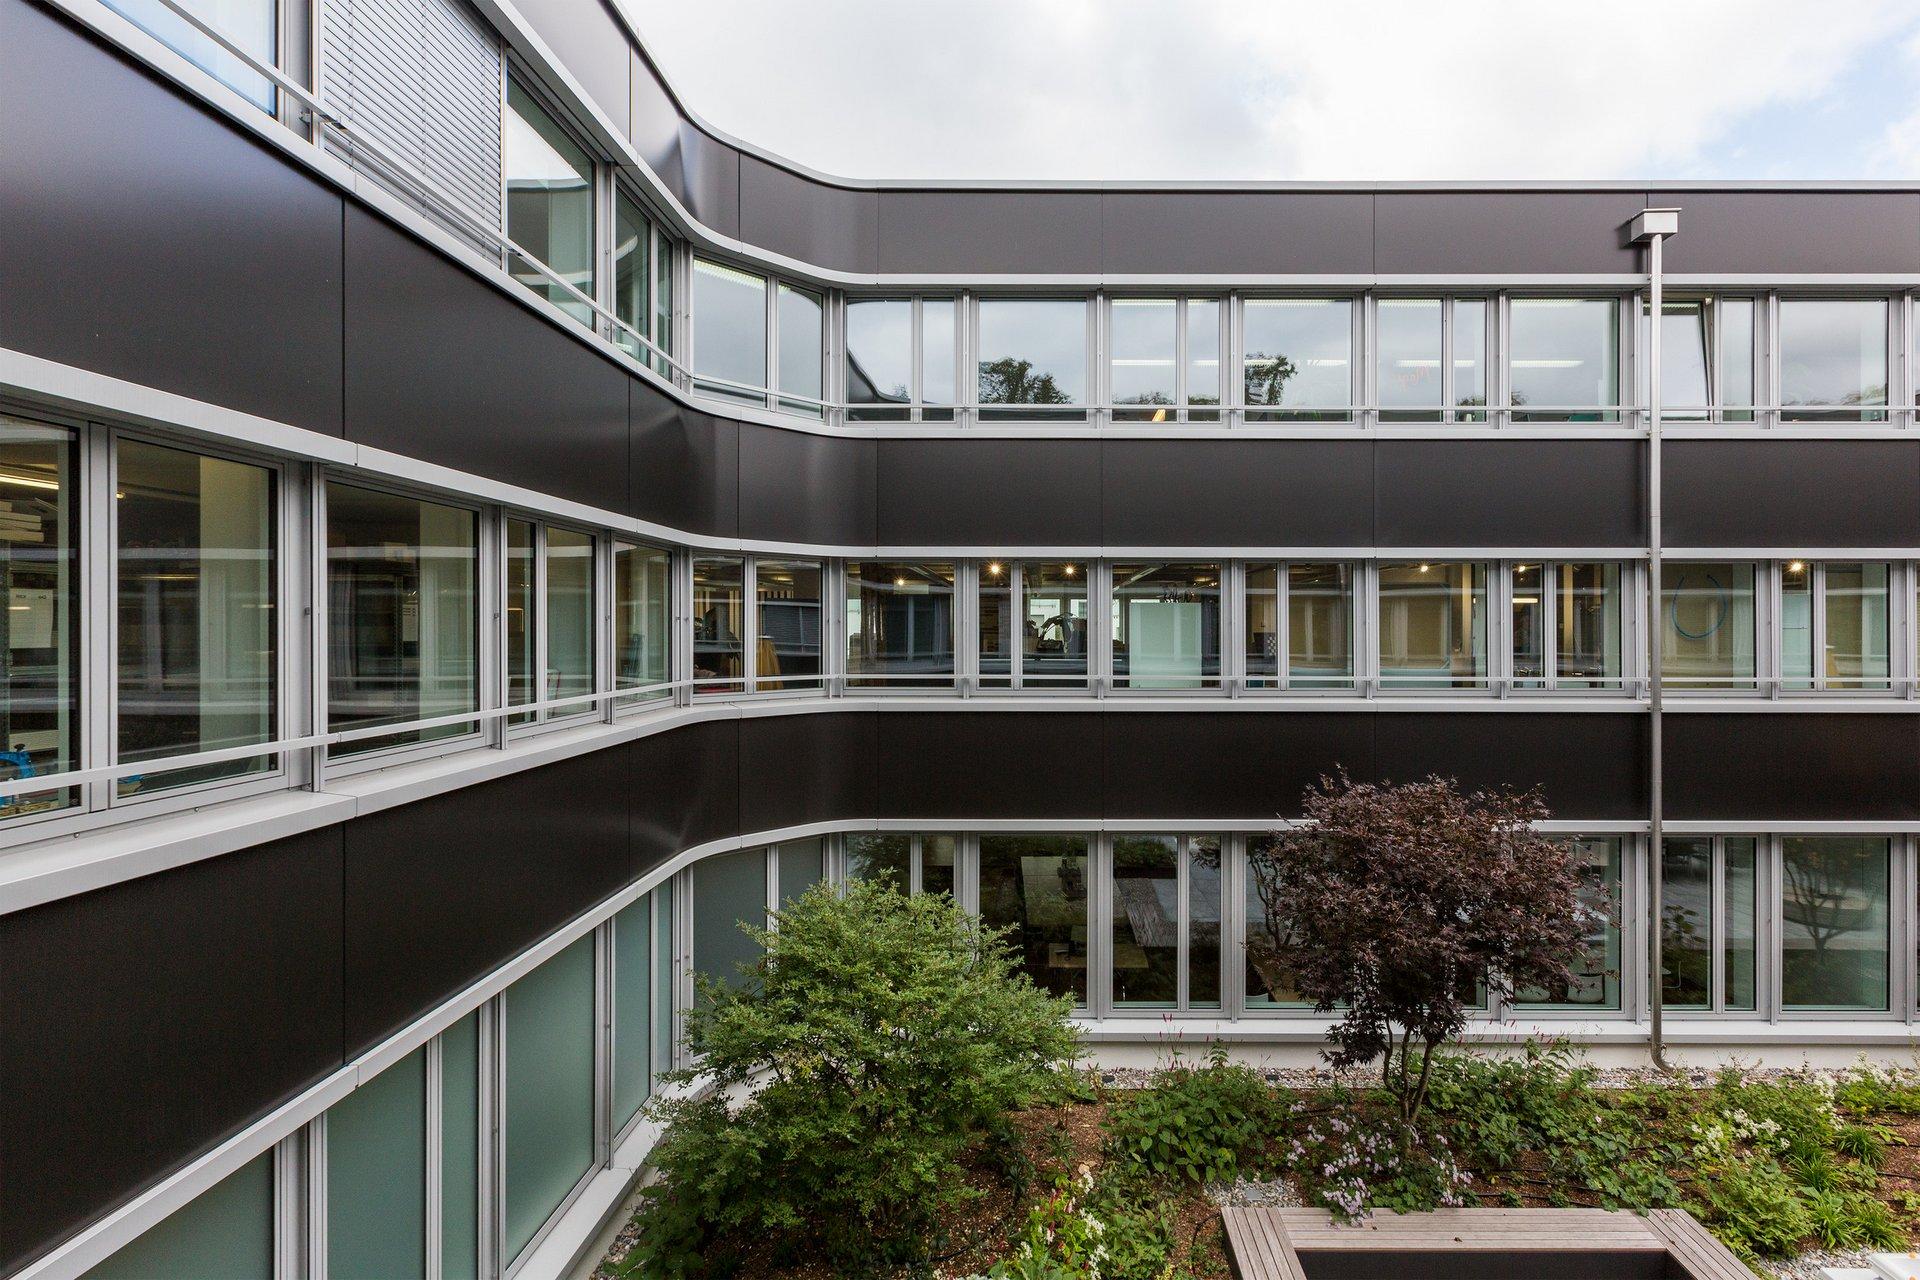 Angle arrondi dans le système de façade de montants et traverses sur tout le bâtiment